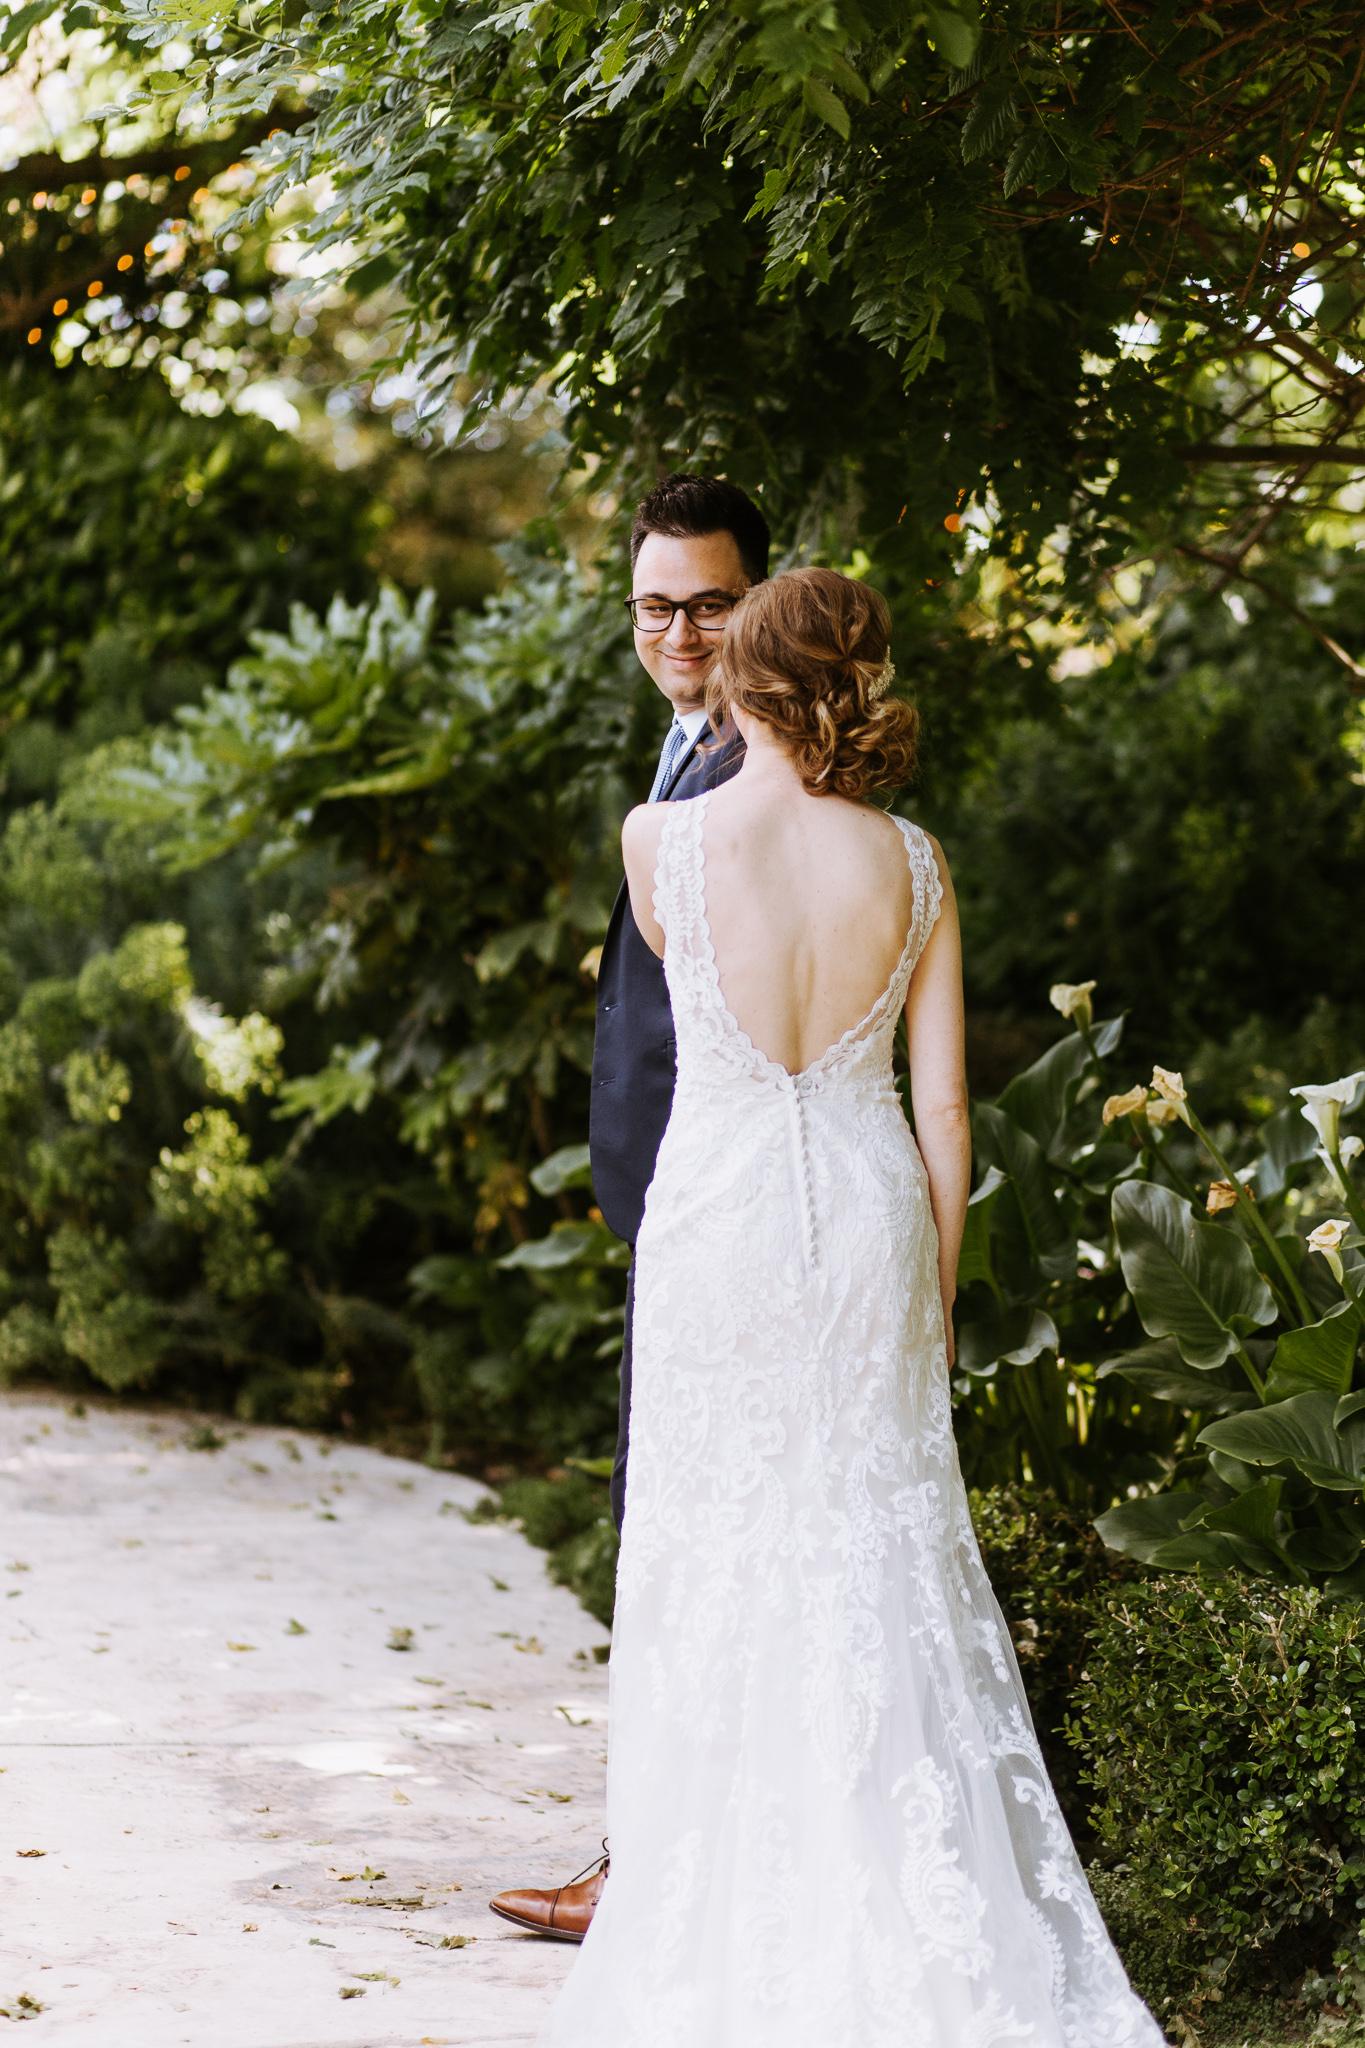 BayArea-Wedding-Photographer-23.jpg